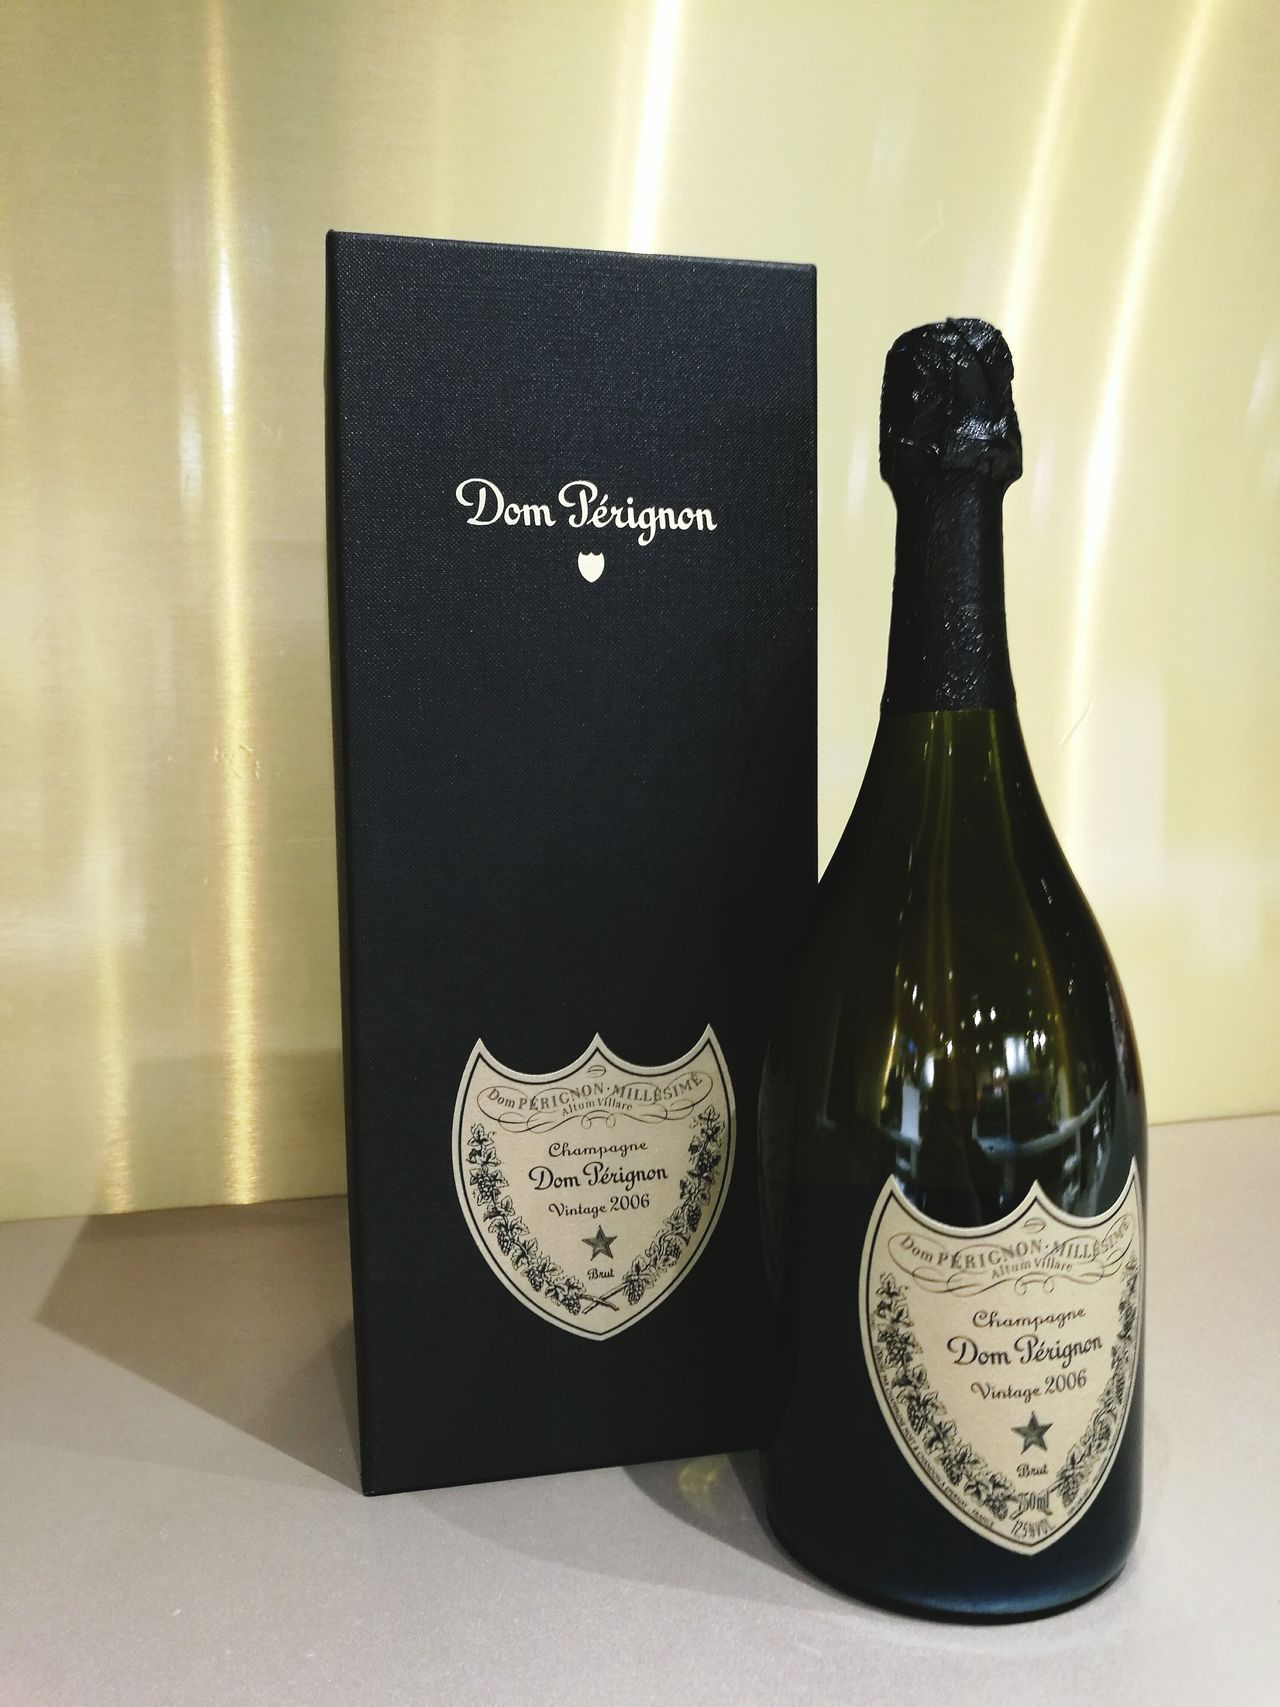 Champagne Donperignon Duty Free Shop Job Alcohol Alcohol Bottles 2006